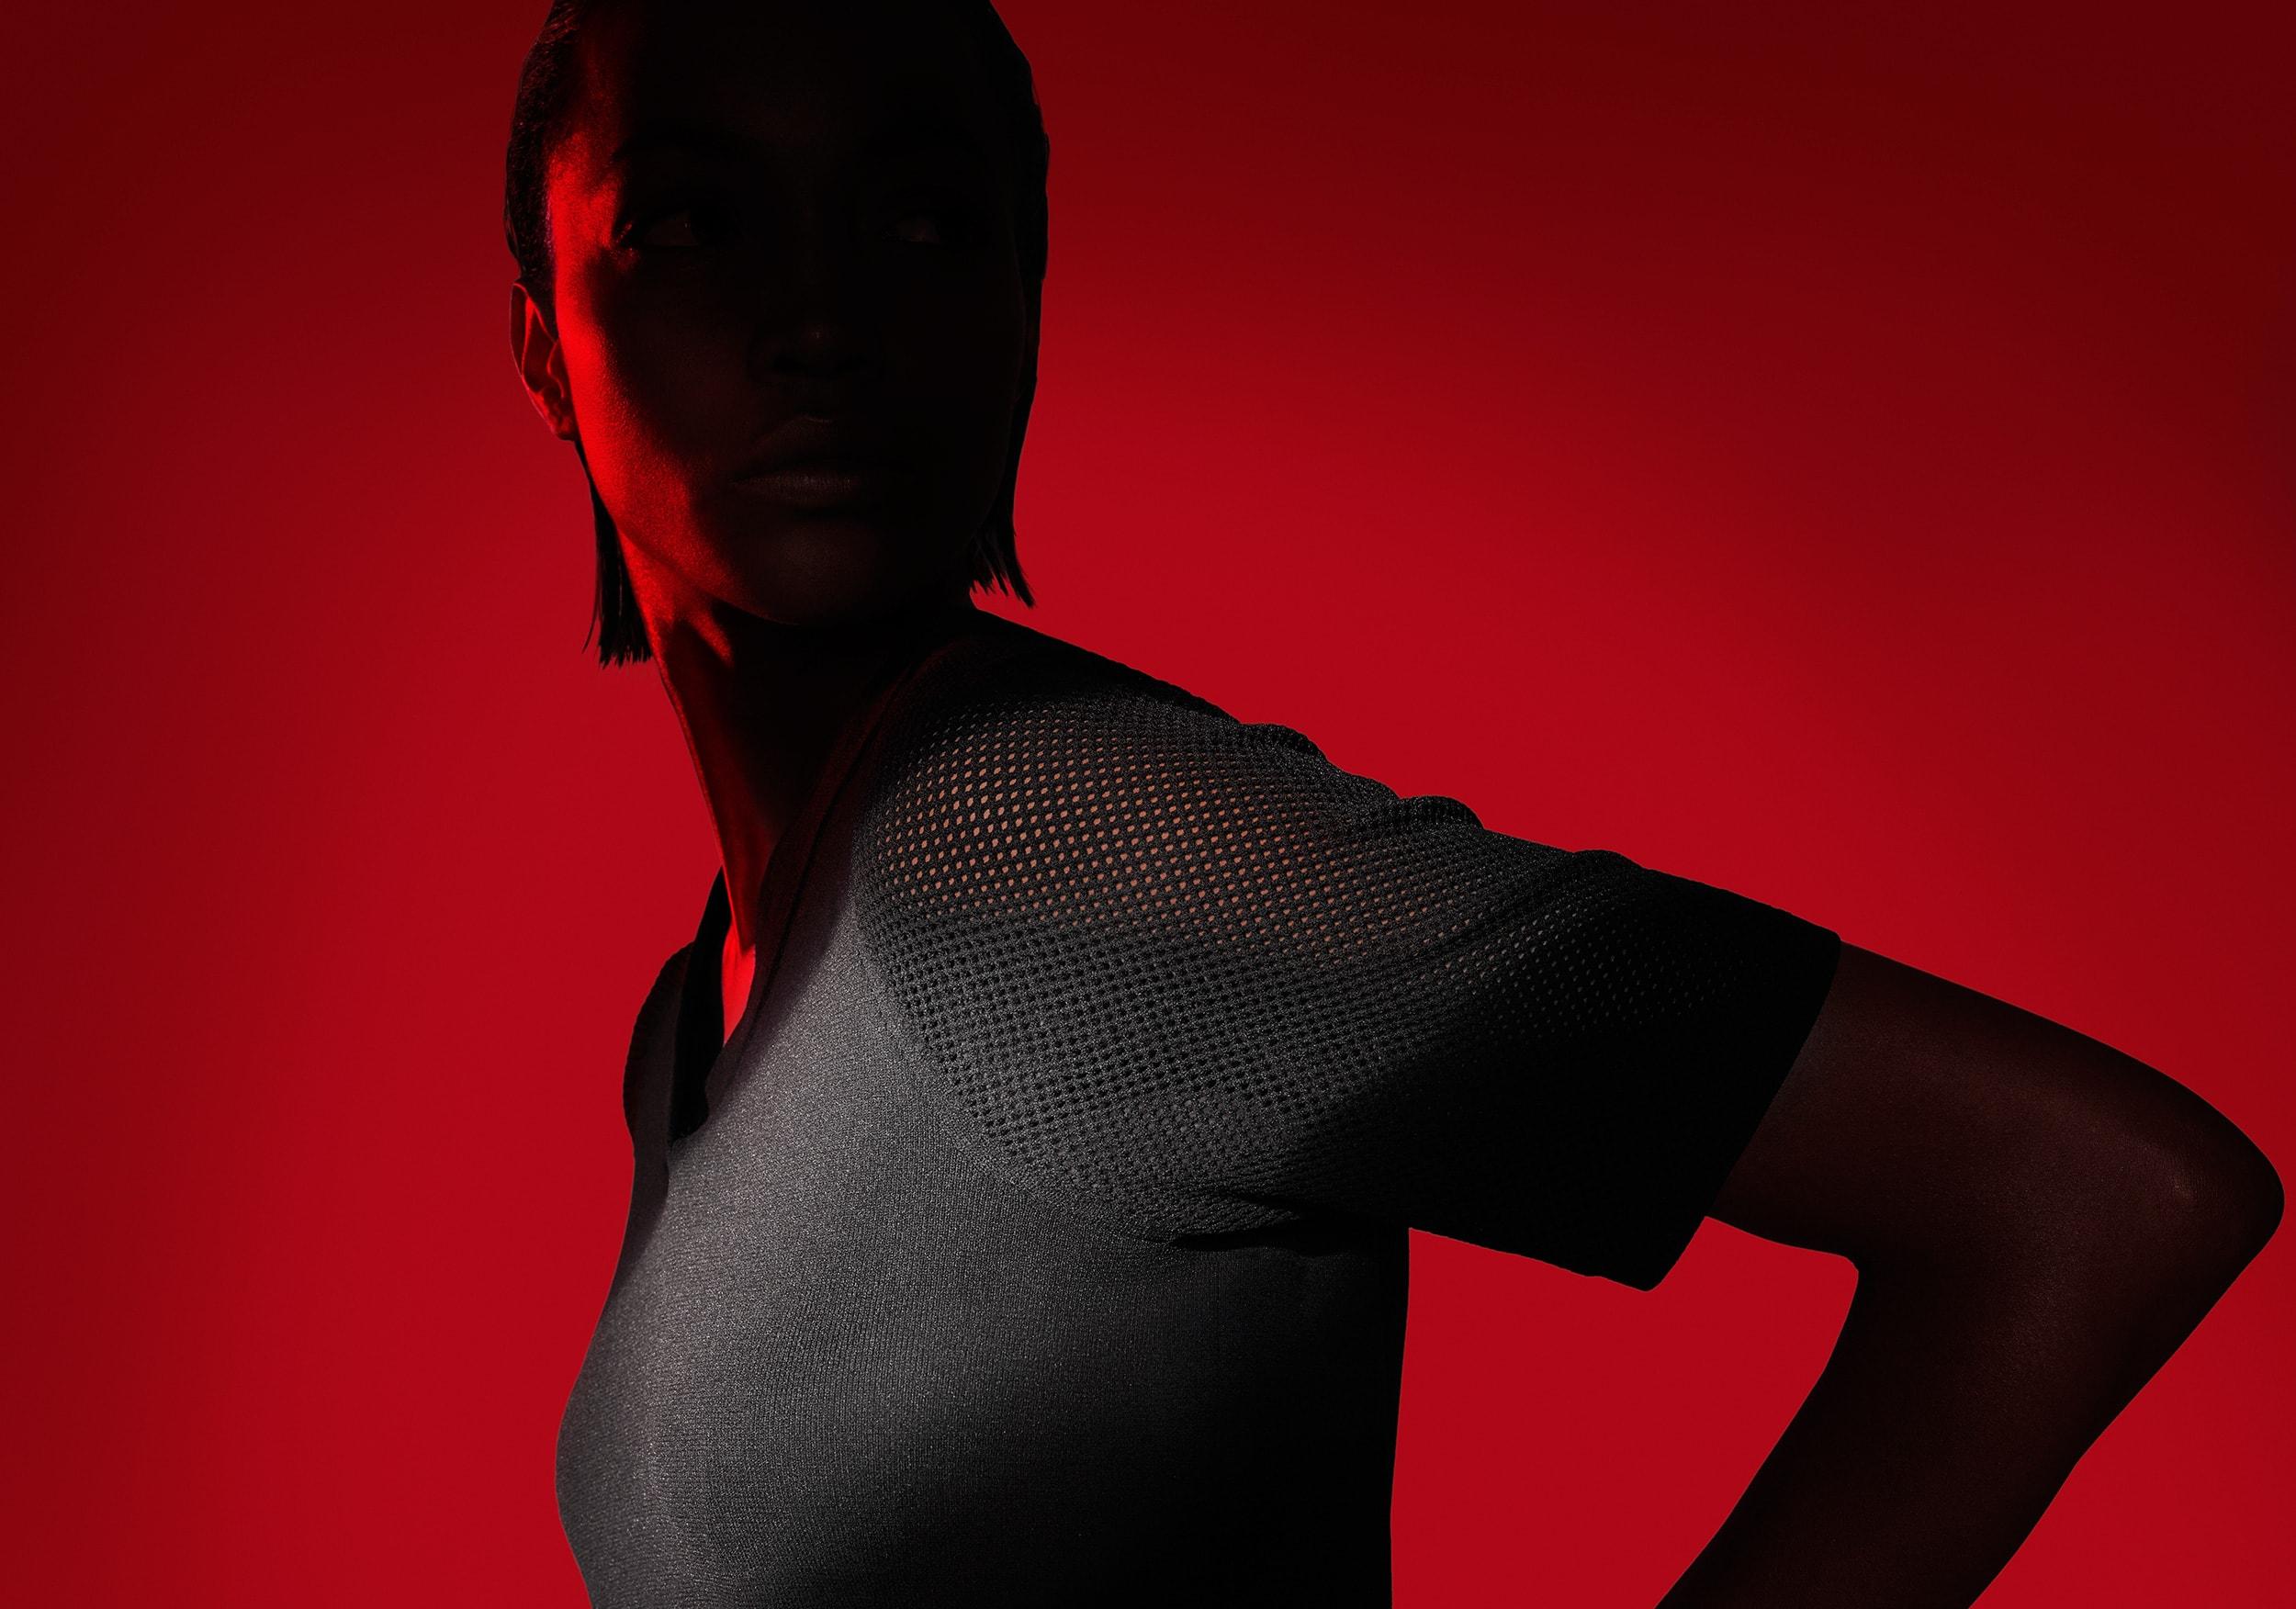 Nike Flyknit sport 3d woman shoot red